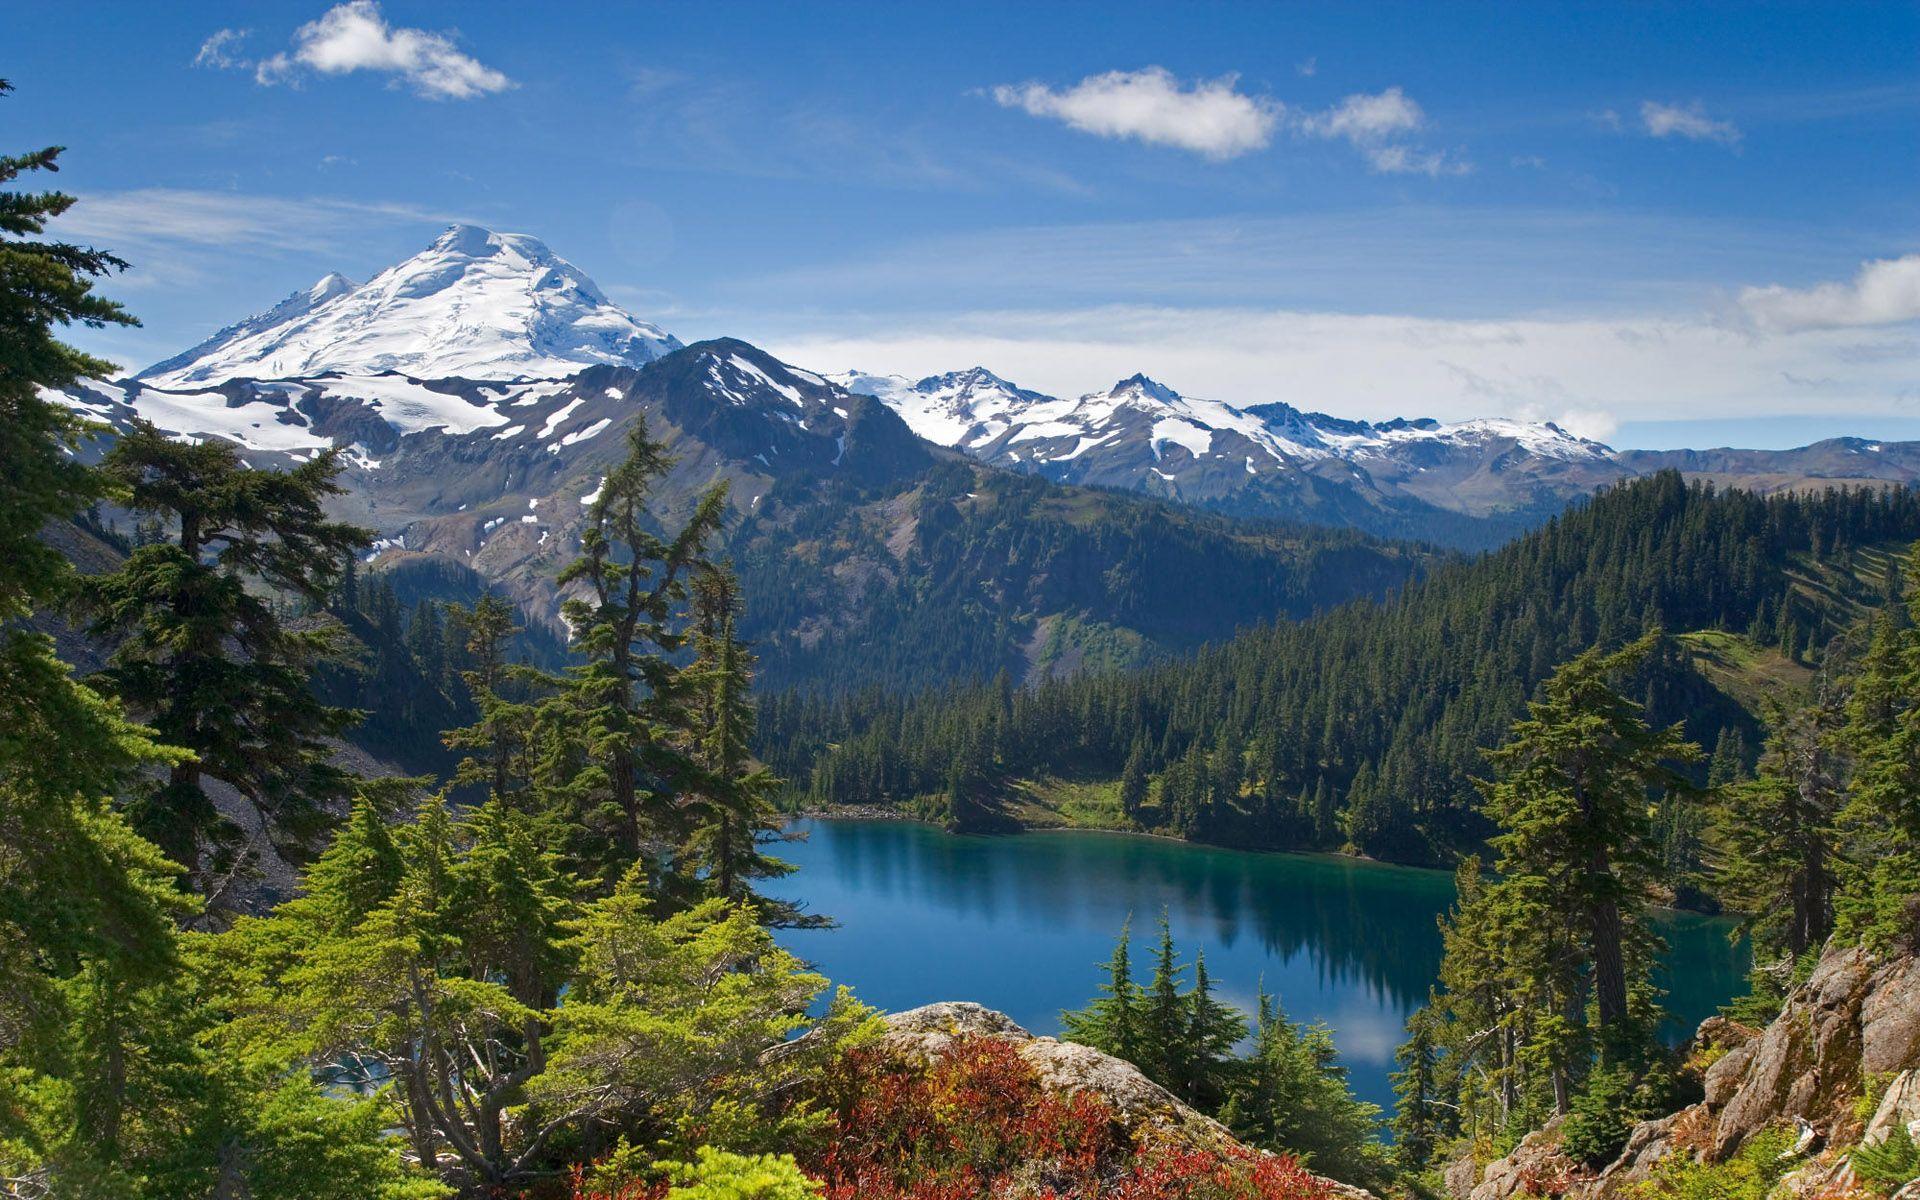 Landscapes Picturesque Landscapes Landscape Picturesque Second Series 1920 3836 Mountain Landscape Photography Mountain Landscape Scenic